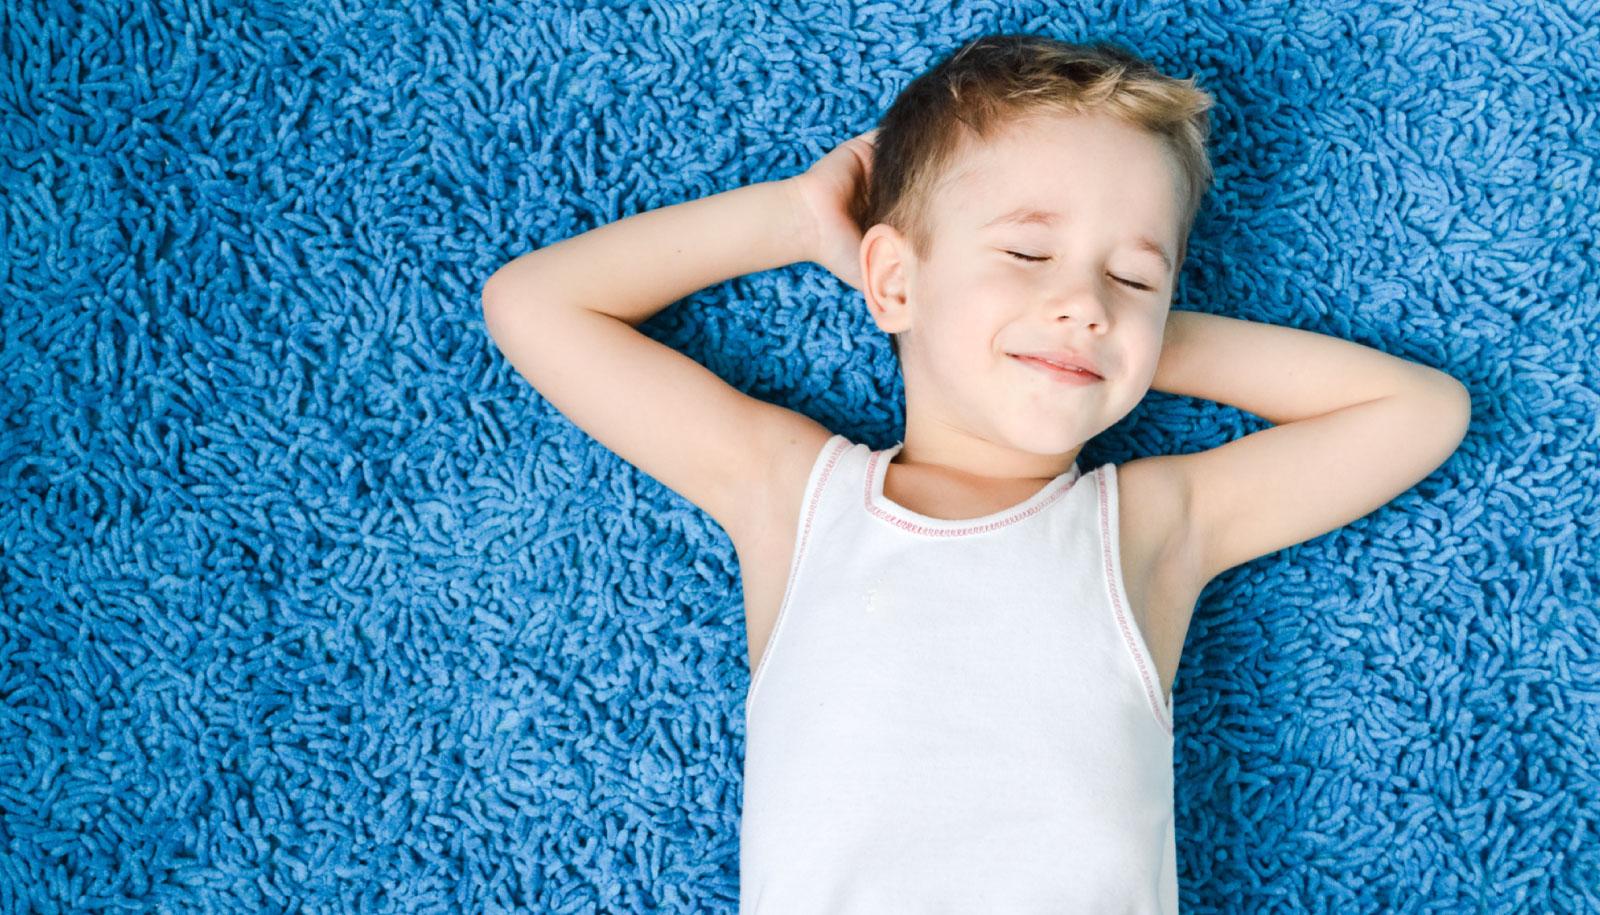 Técnicas de relajación en edad infantil y su influencia en el desarrollo psicofísico